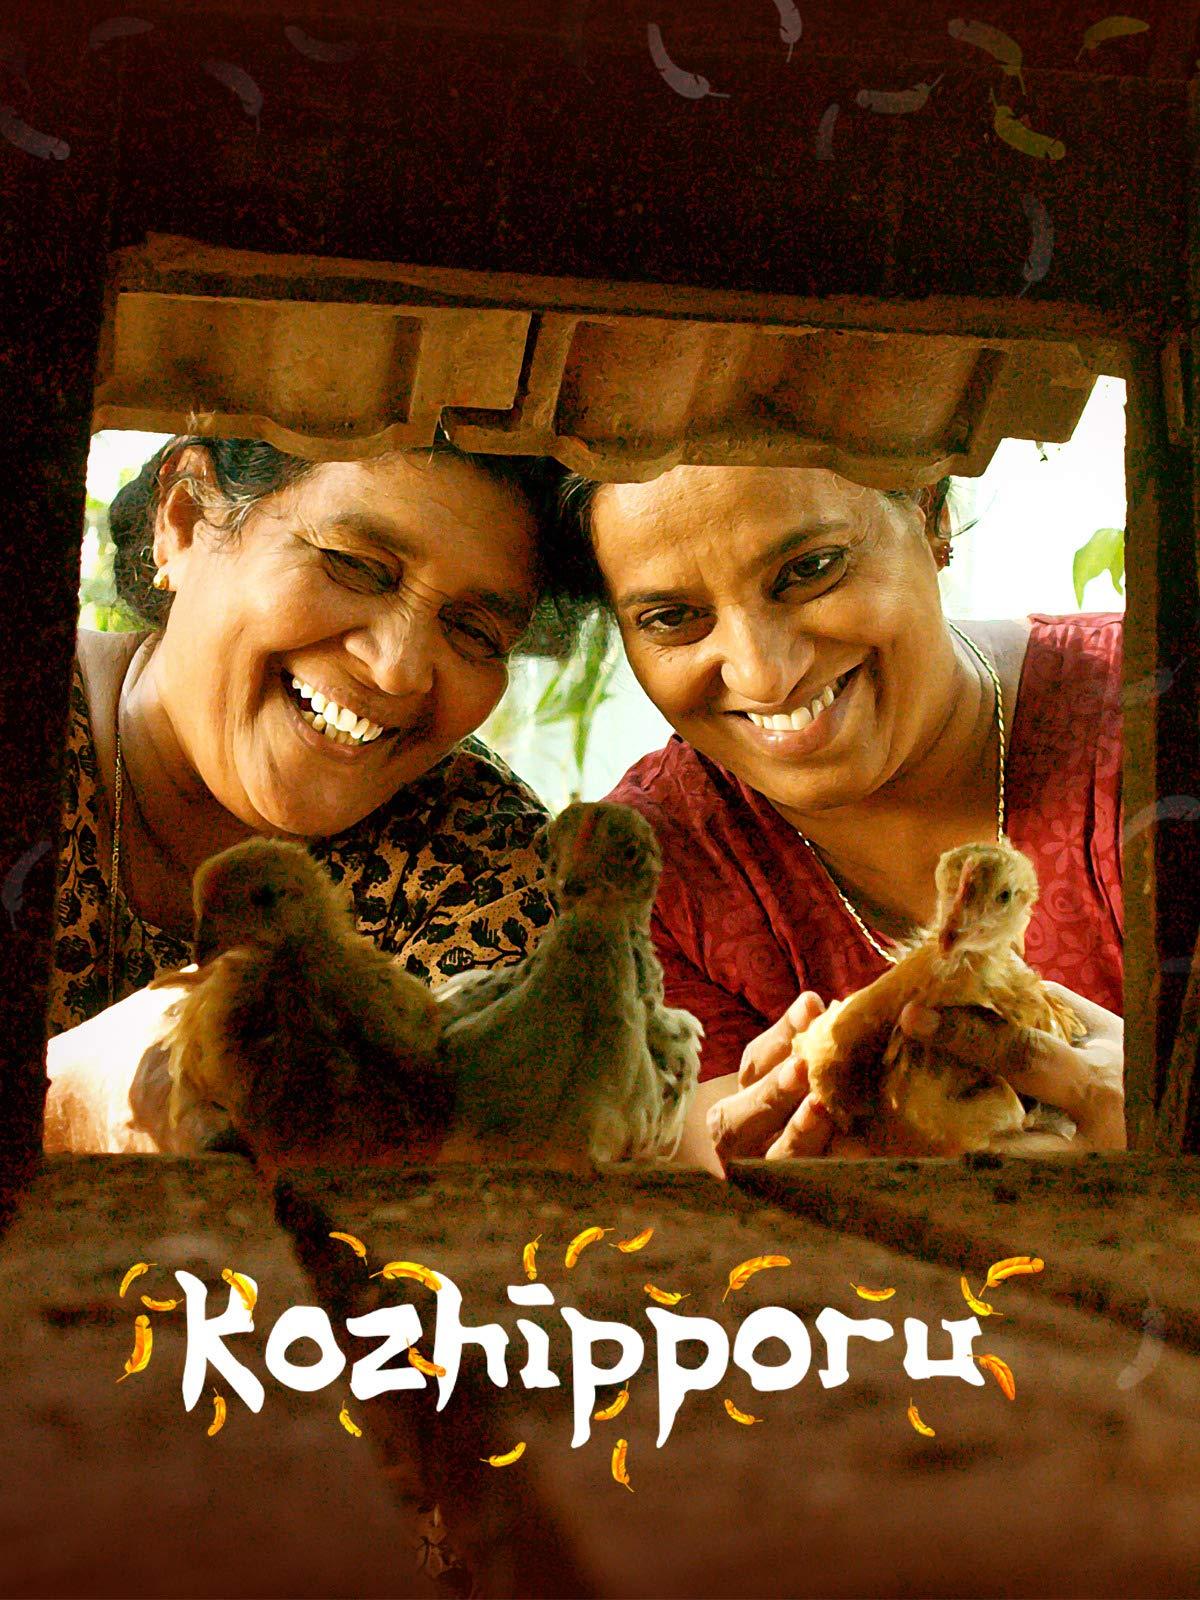 Kozhipporu